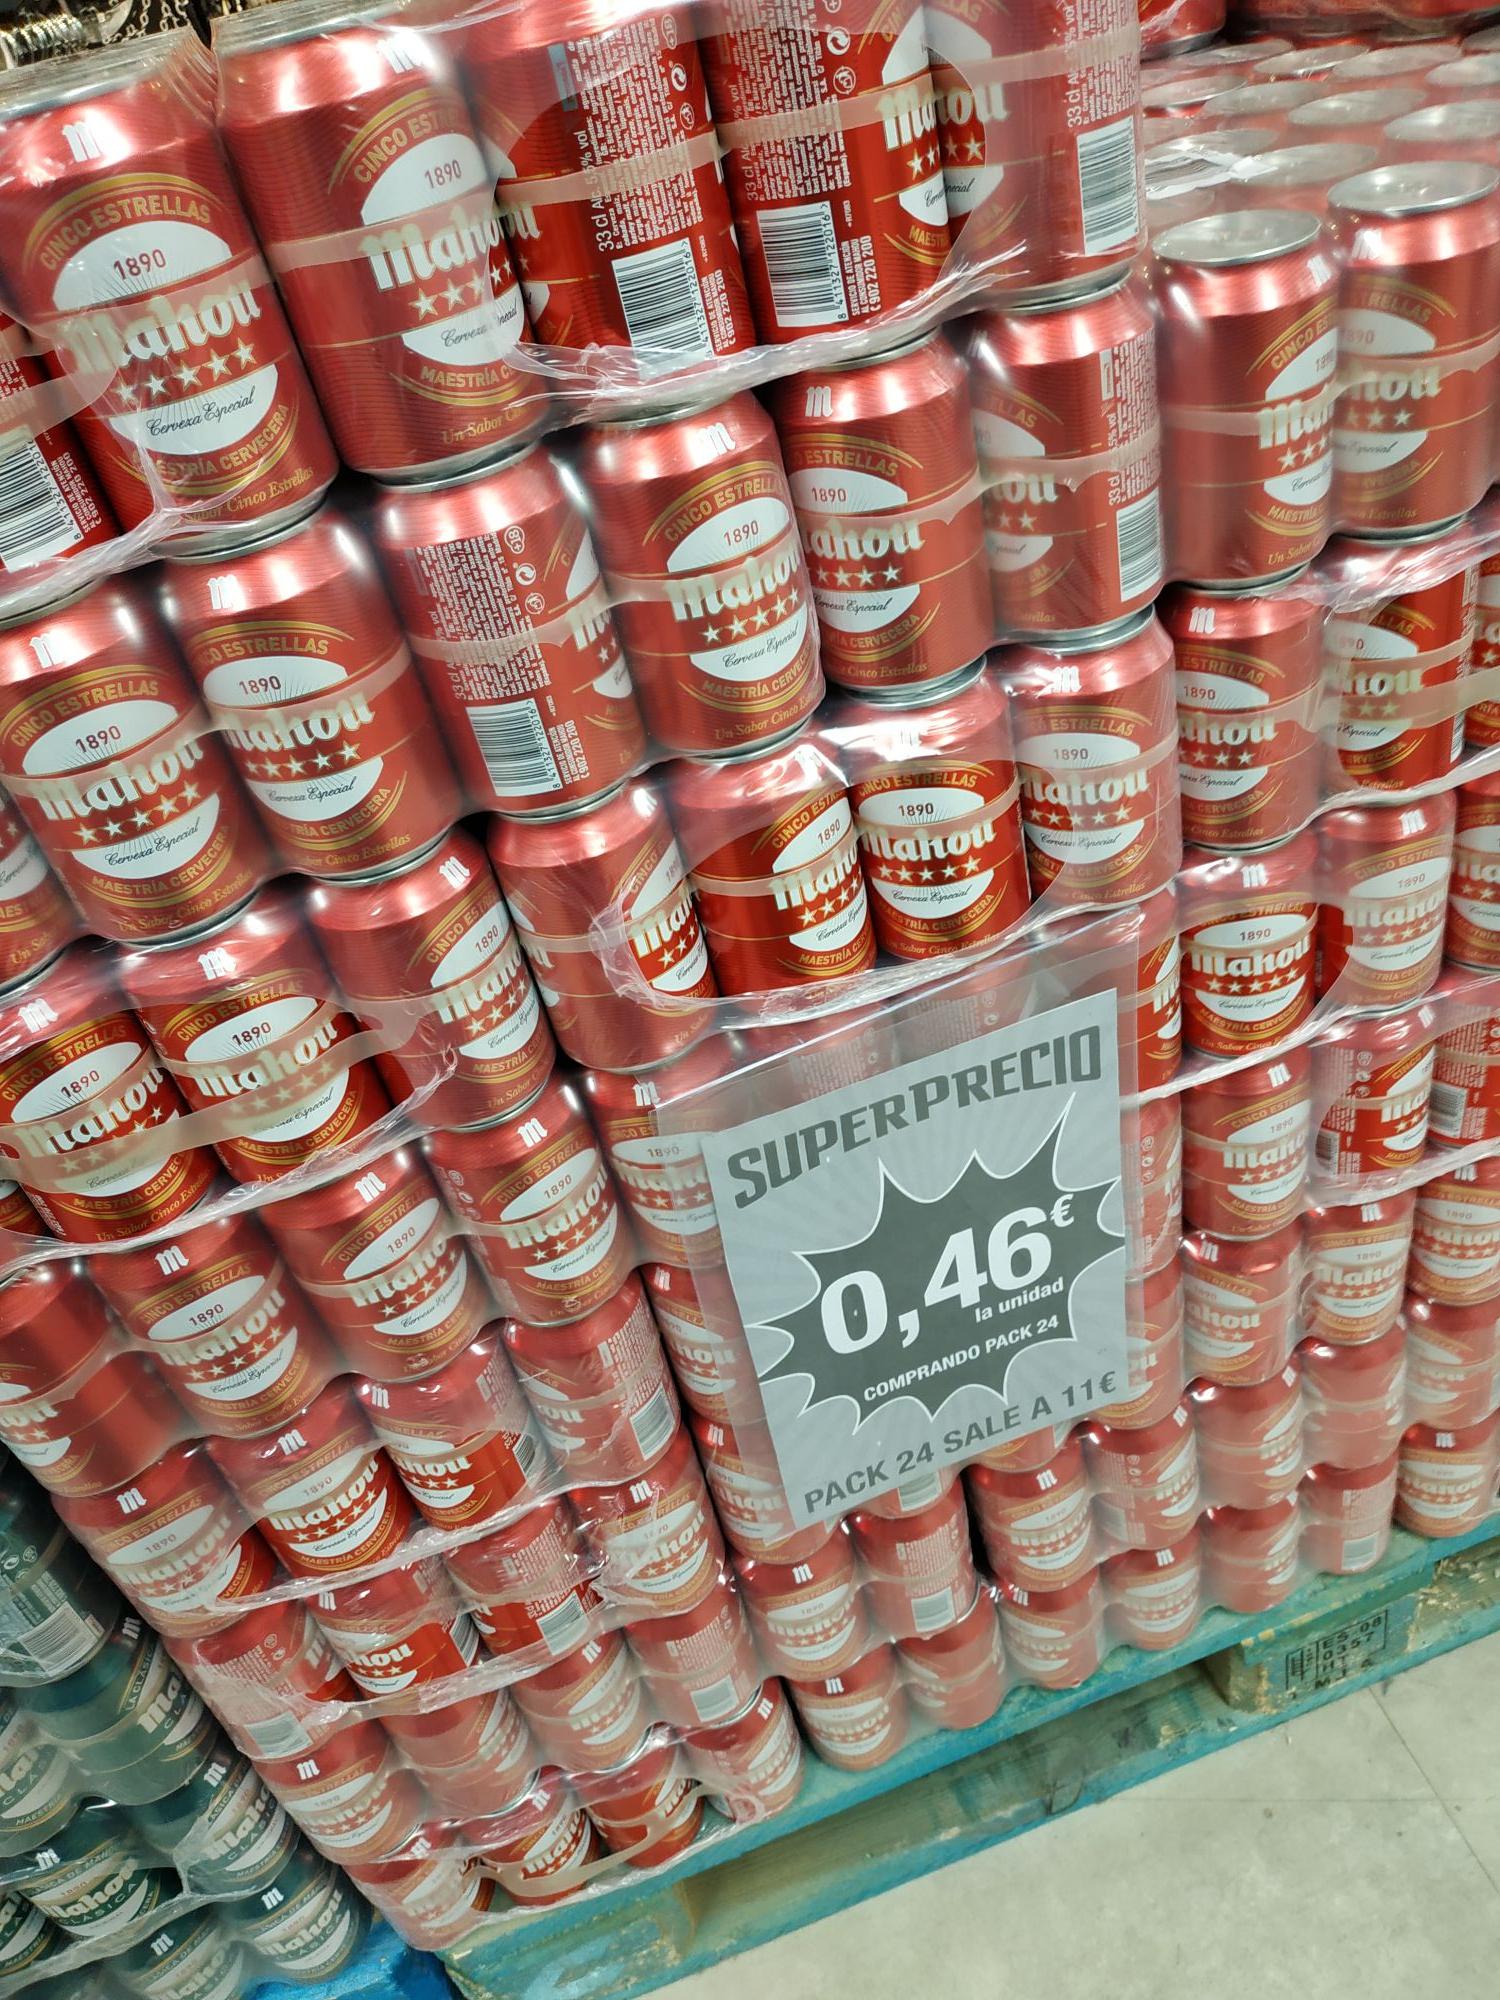 Cerveza Mahou pack 24 en Dealz